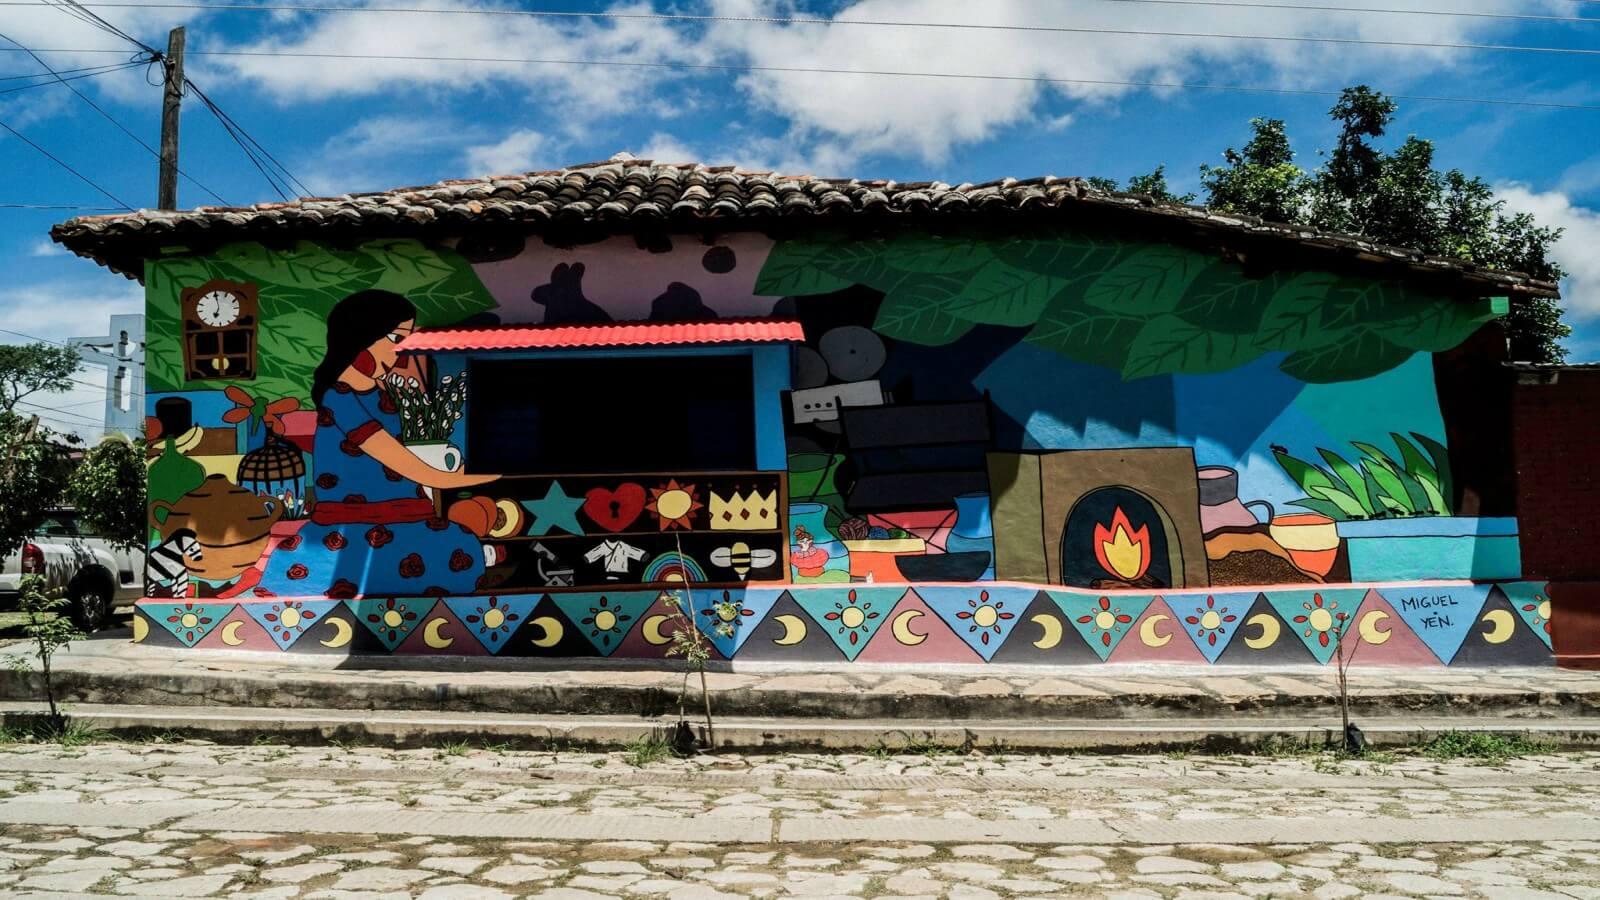 Ciudad Mural Llega A Tuxtla Gutierrez Con 20 Artistas Nacionales E